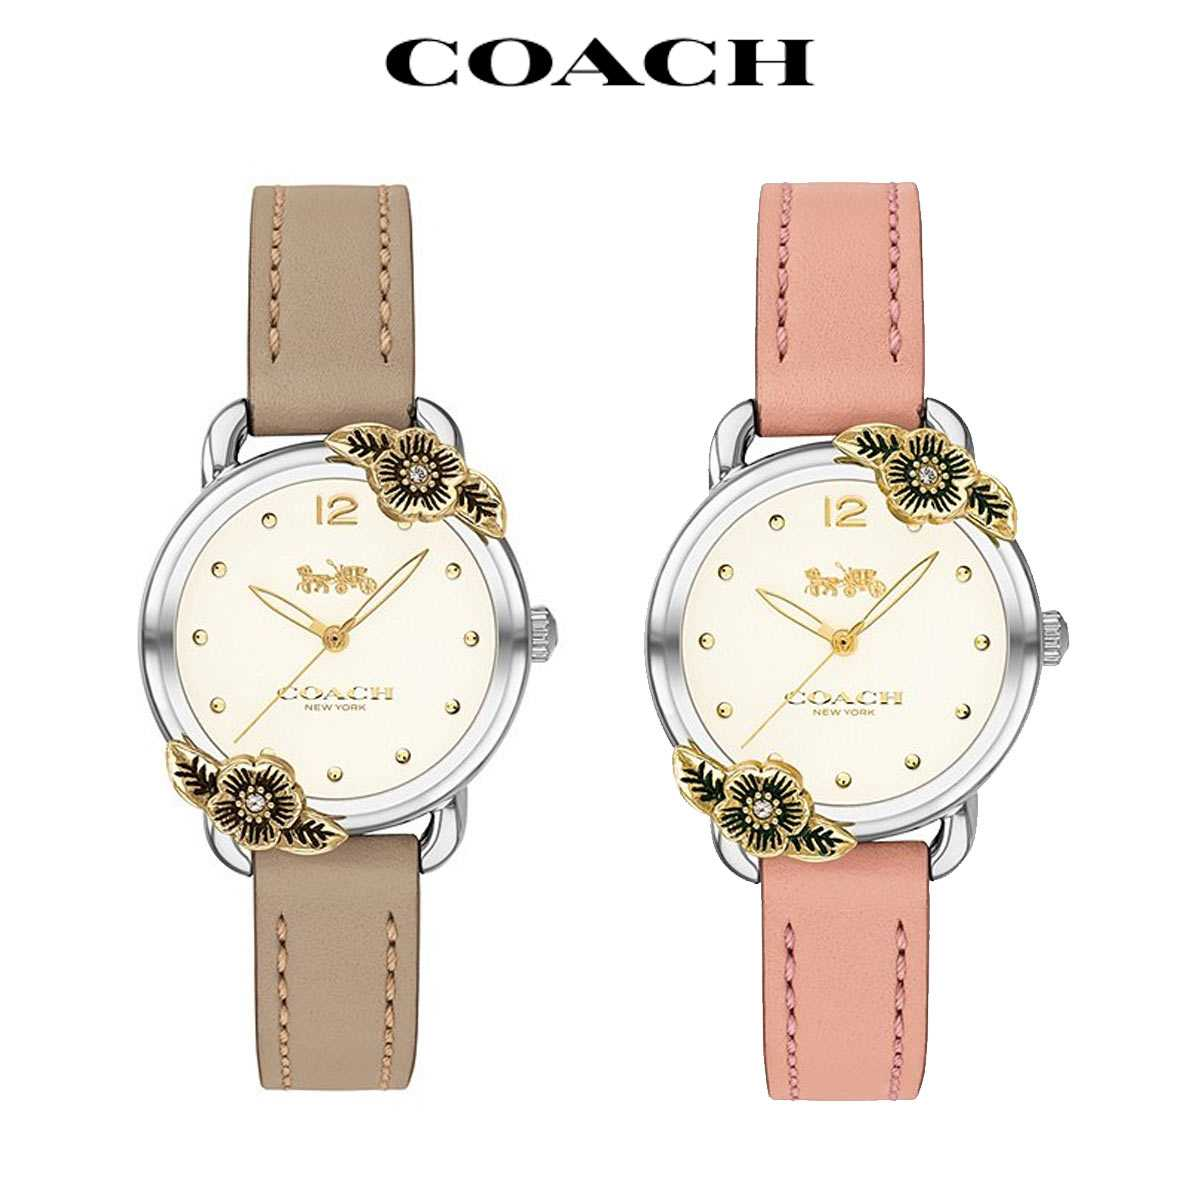 コーチ 腕時計 レディース ブランド 時計 かわいい デランシー おしゃれ 女性 中古 Delancey 後払い COACH 数量限定アウトレット最安価格